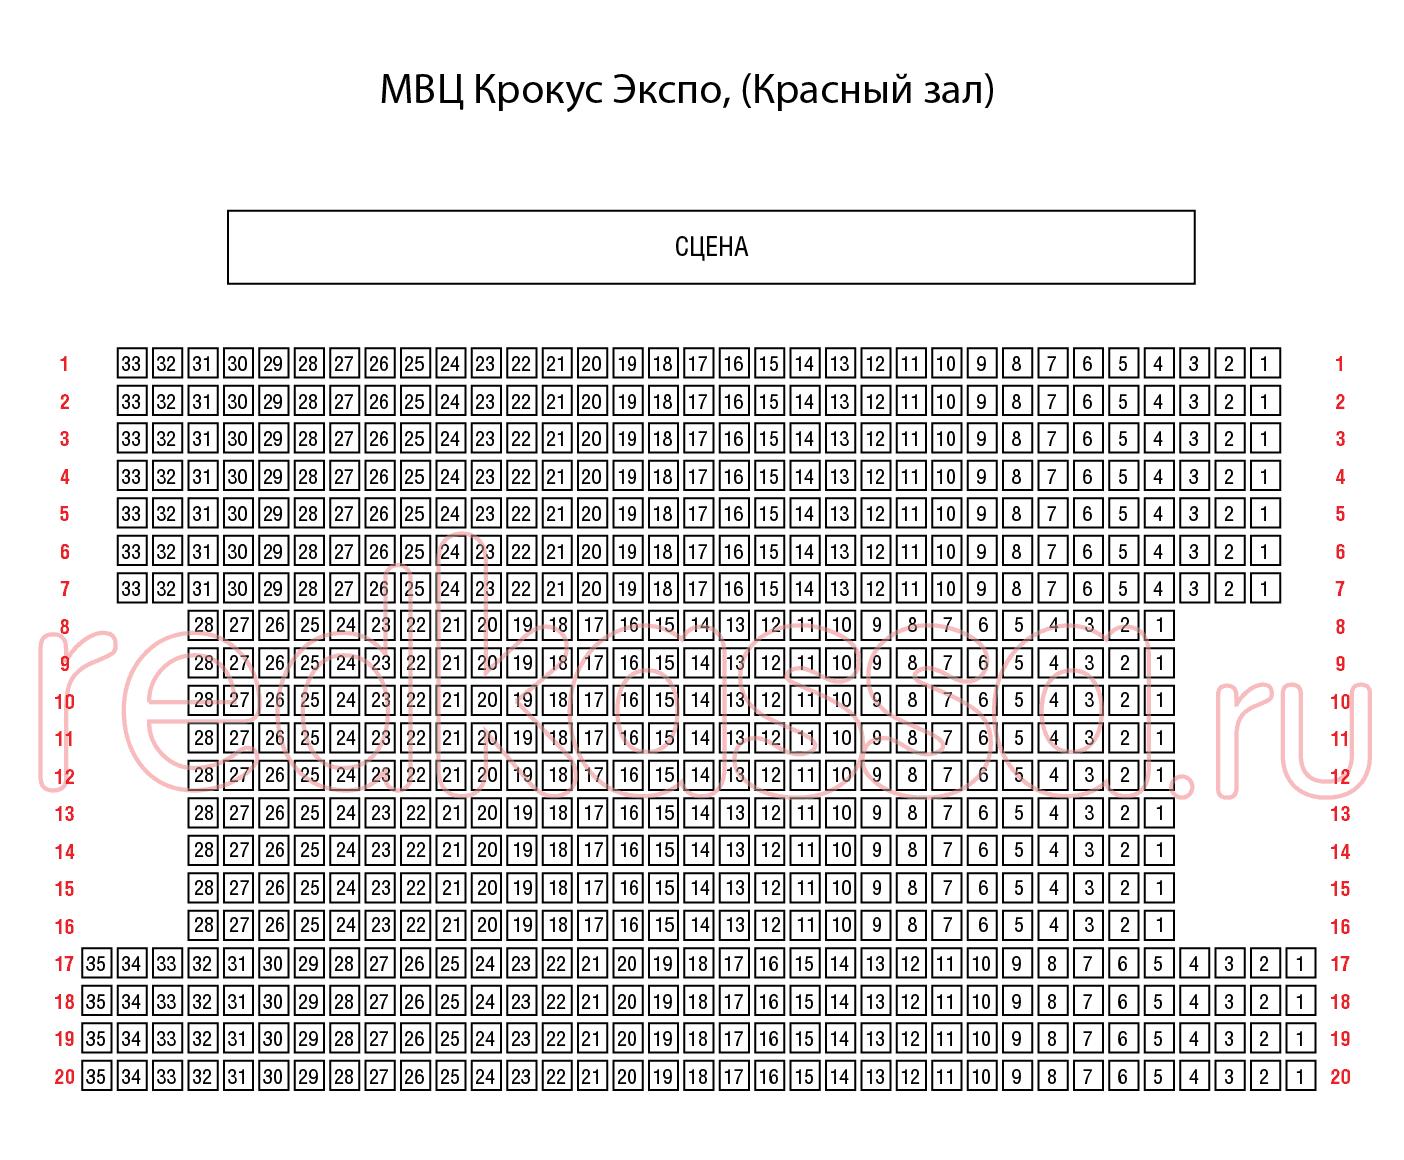 """Схема зала МВЦ """"Крокус Экспо"""", павильон №2 (Красный зал)"""